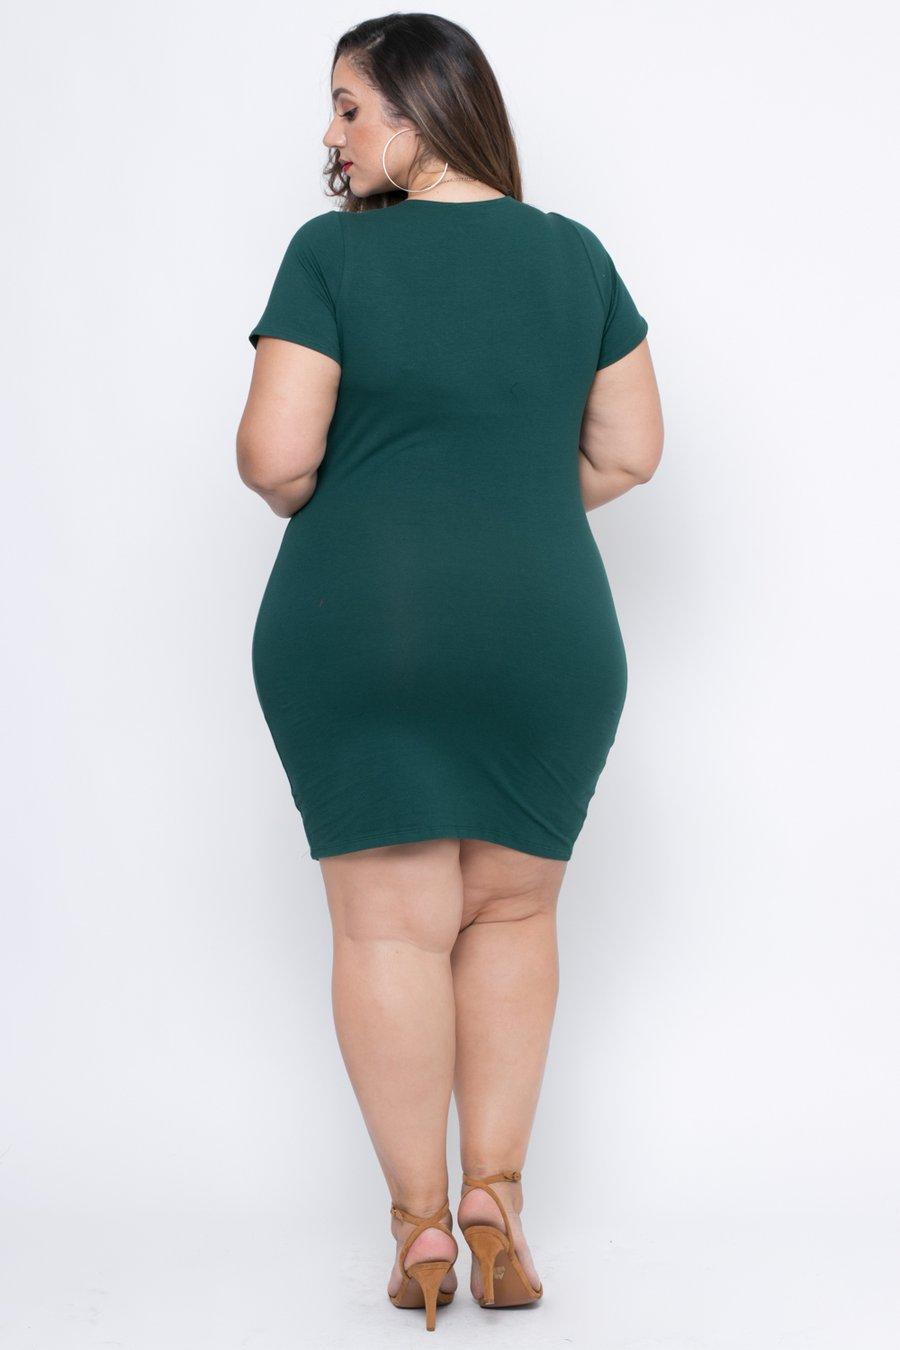 فتاة سمينة باللون الفيروزى